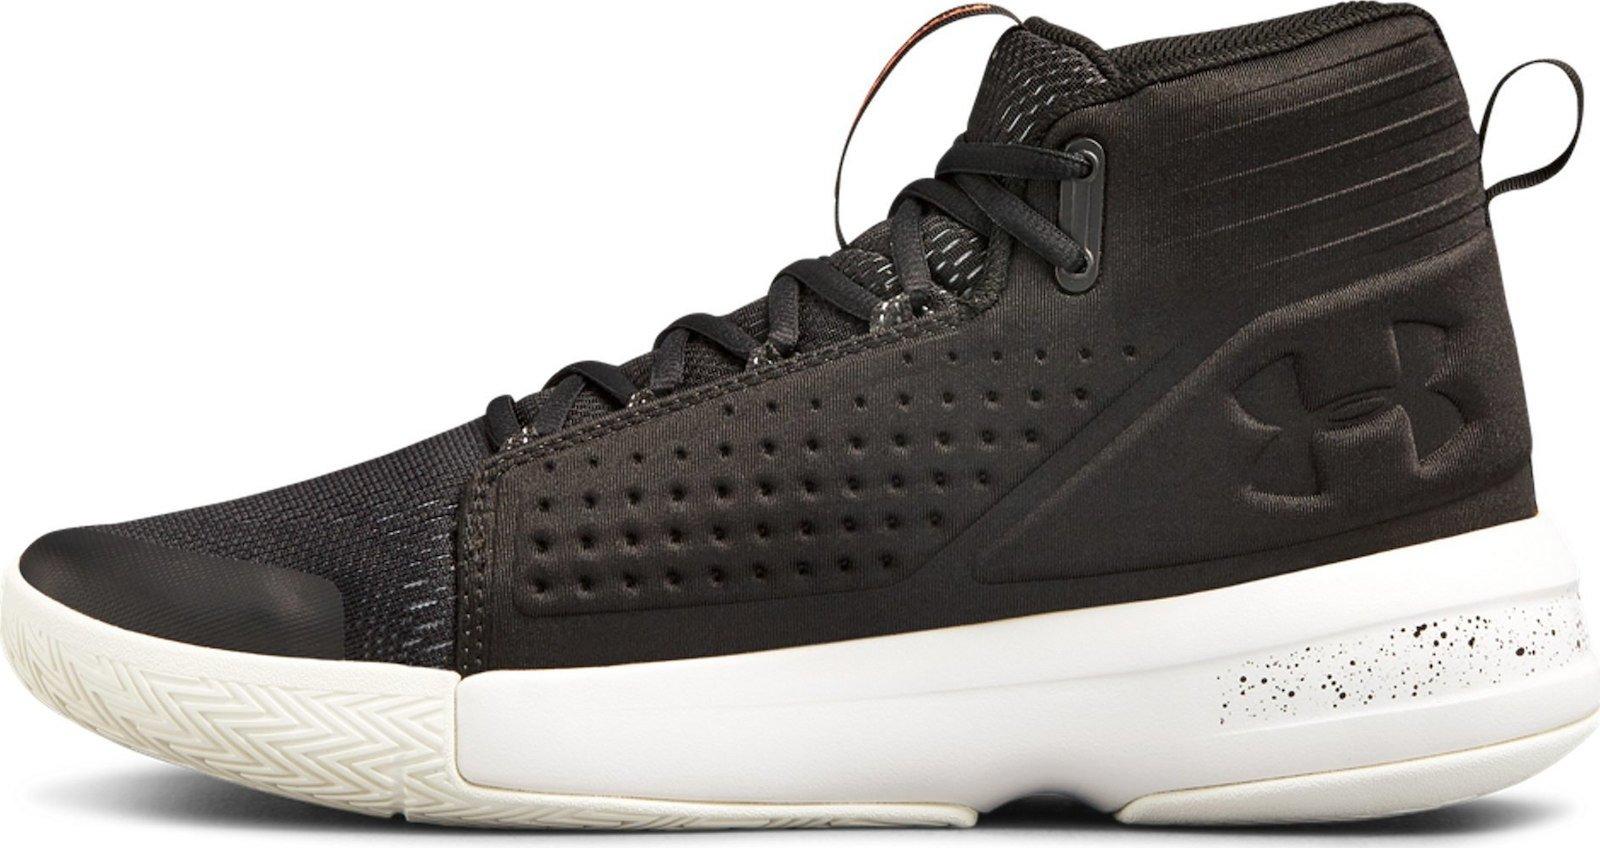 d0e9e4f6045de Under Armour Torch Fade Basketball shoes - 3020620-001